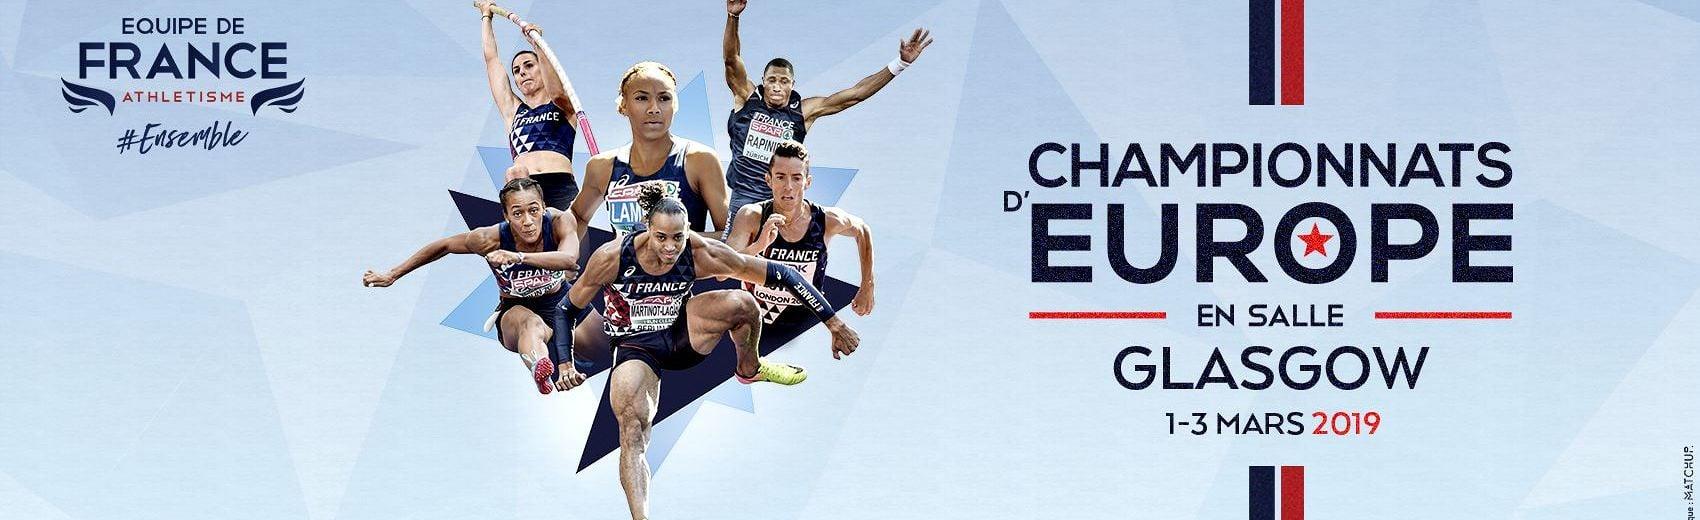 FFA - France Athlétisme